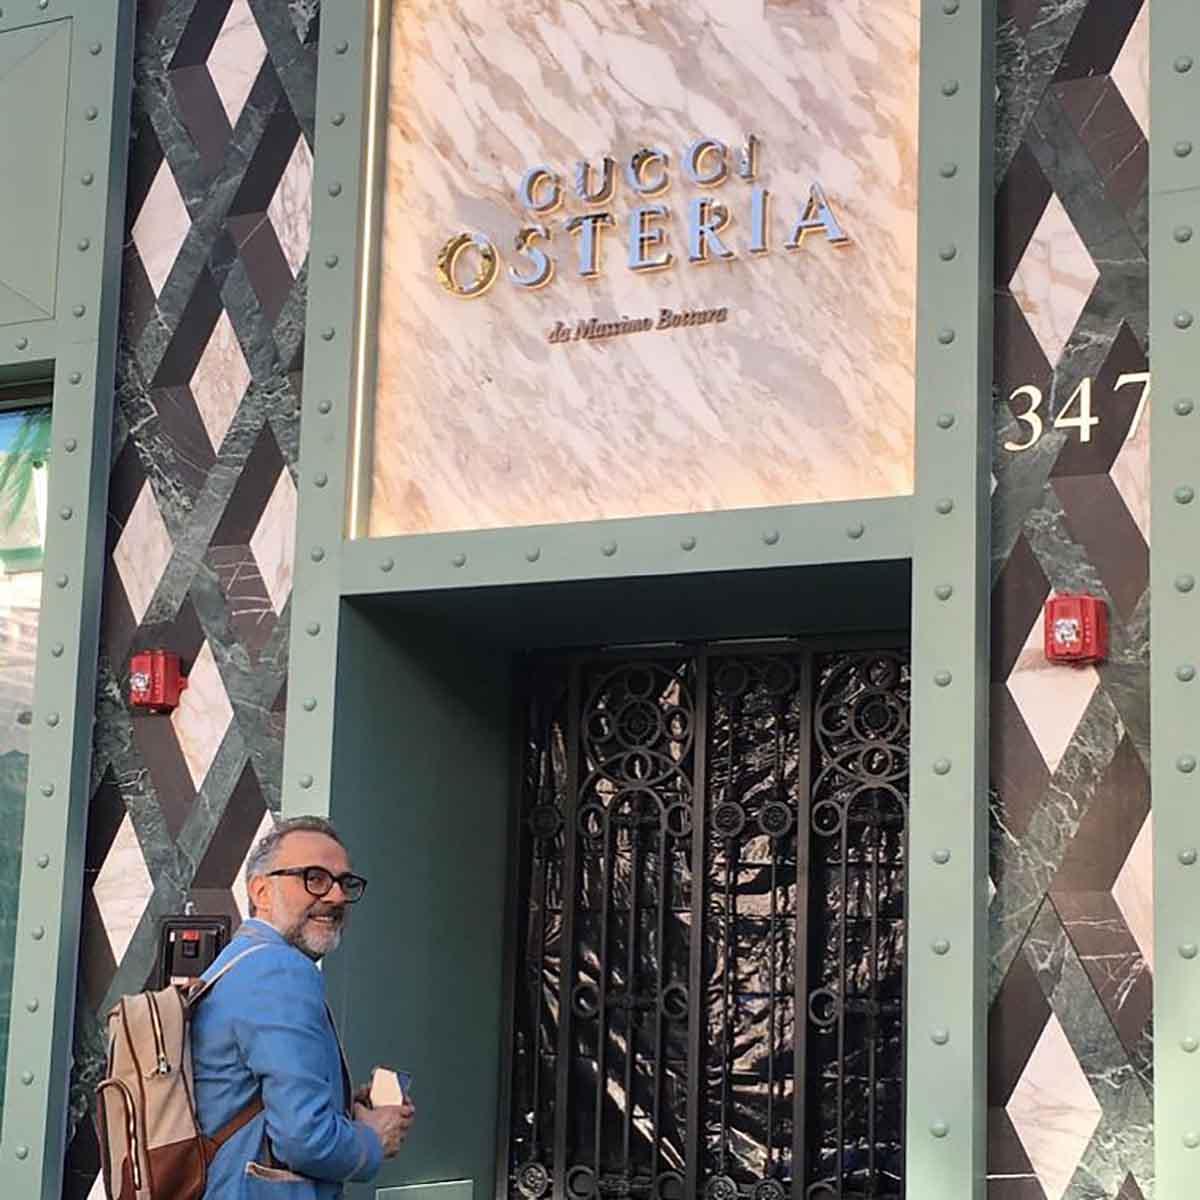 Massimo Bottura Gucci Osteria